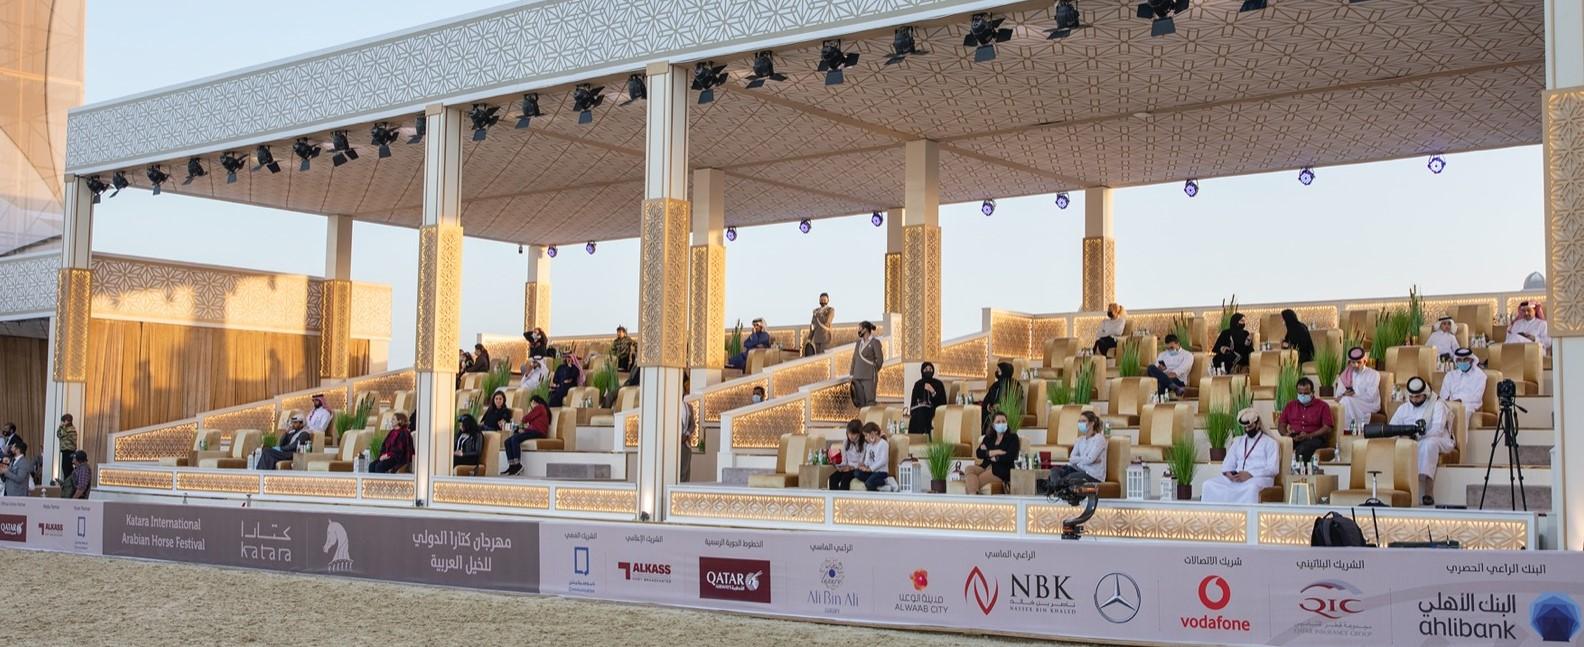 اليوم.. نهائيات بطولة كتارا الدولية لجمال الخيول العربية الأصيلة